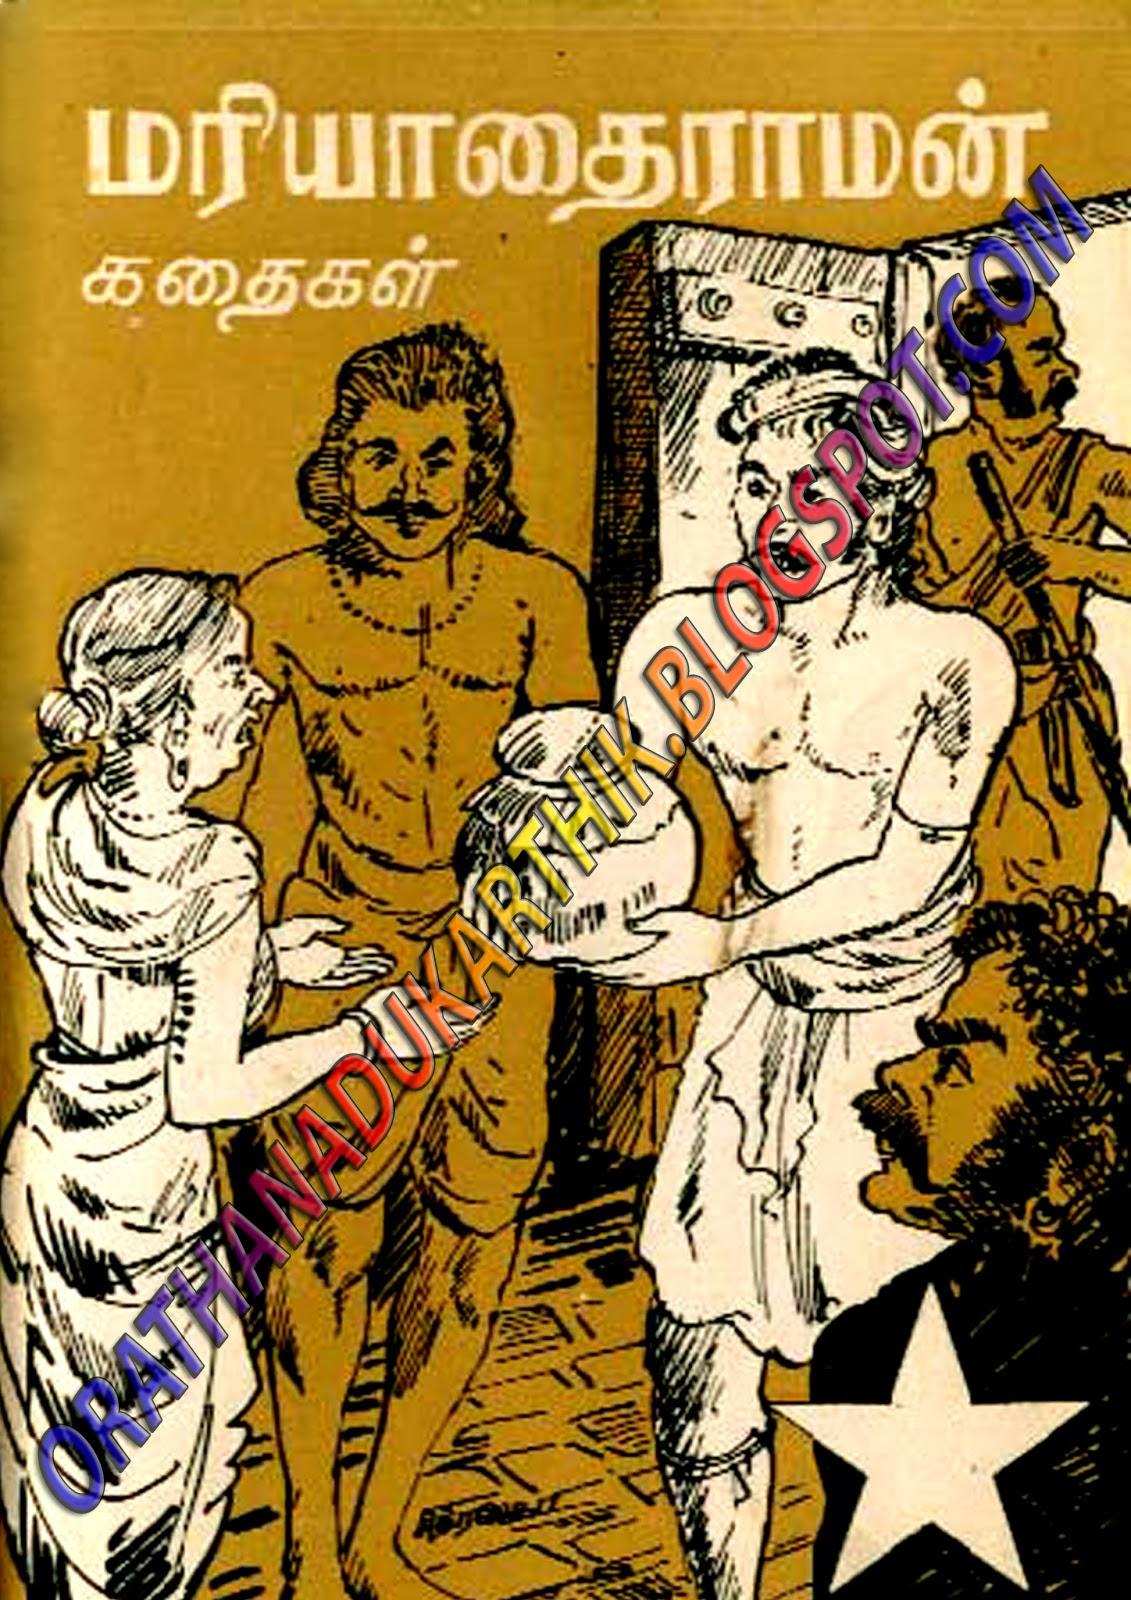 மரியாதை ராமன் கதைகள் தமிழில் மின்னூல் வடிவில் Mariyathai+ra